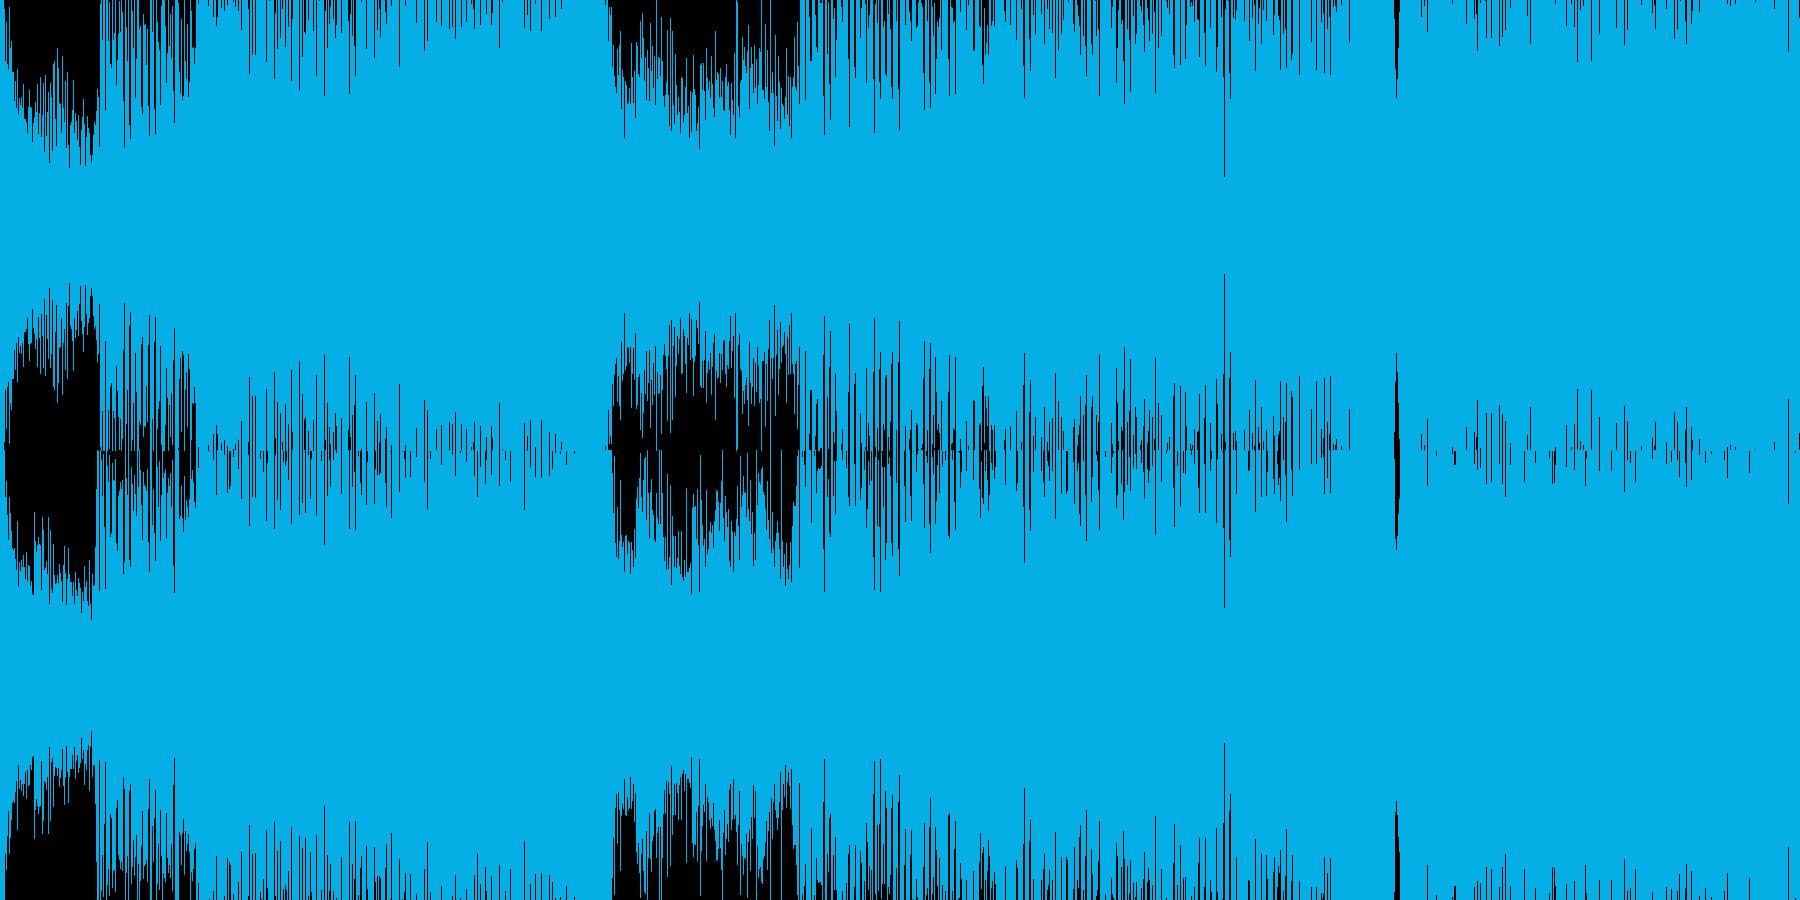 【ループ仕様】サイバーな雰囲気のトランスの再生済みの波形